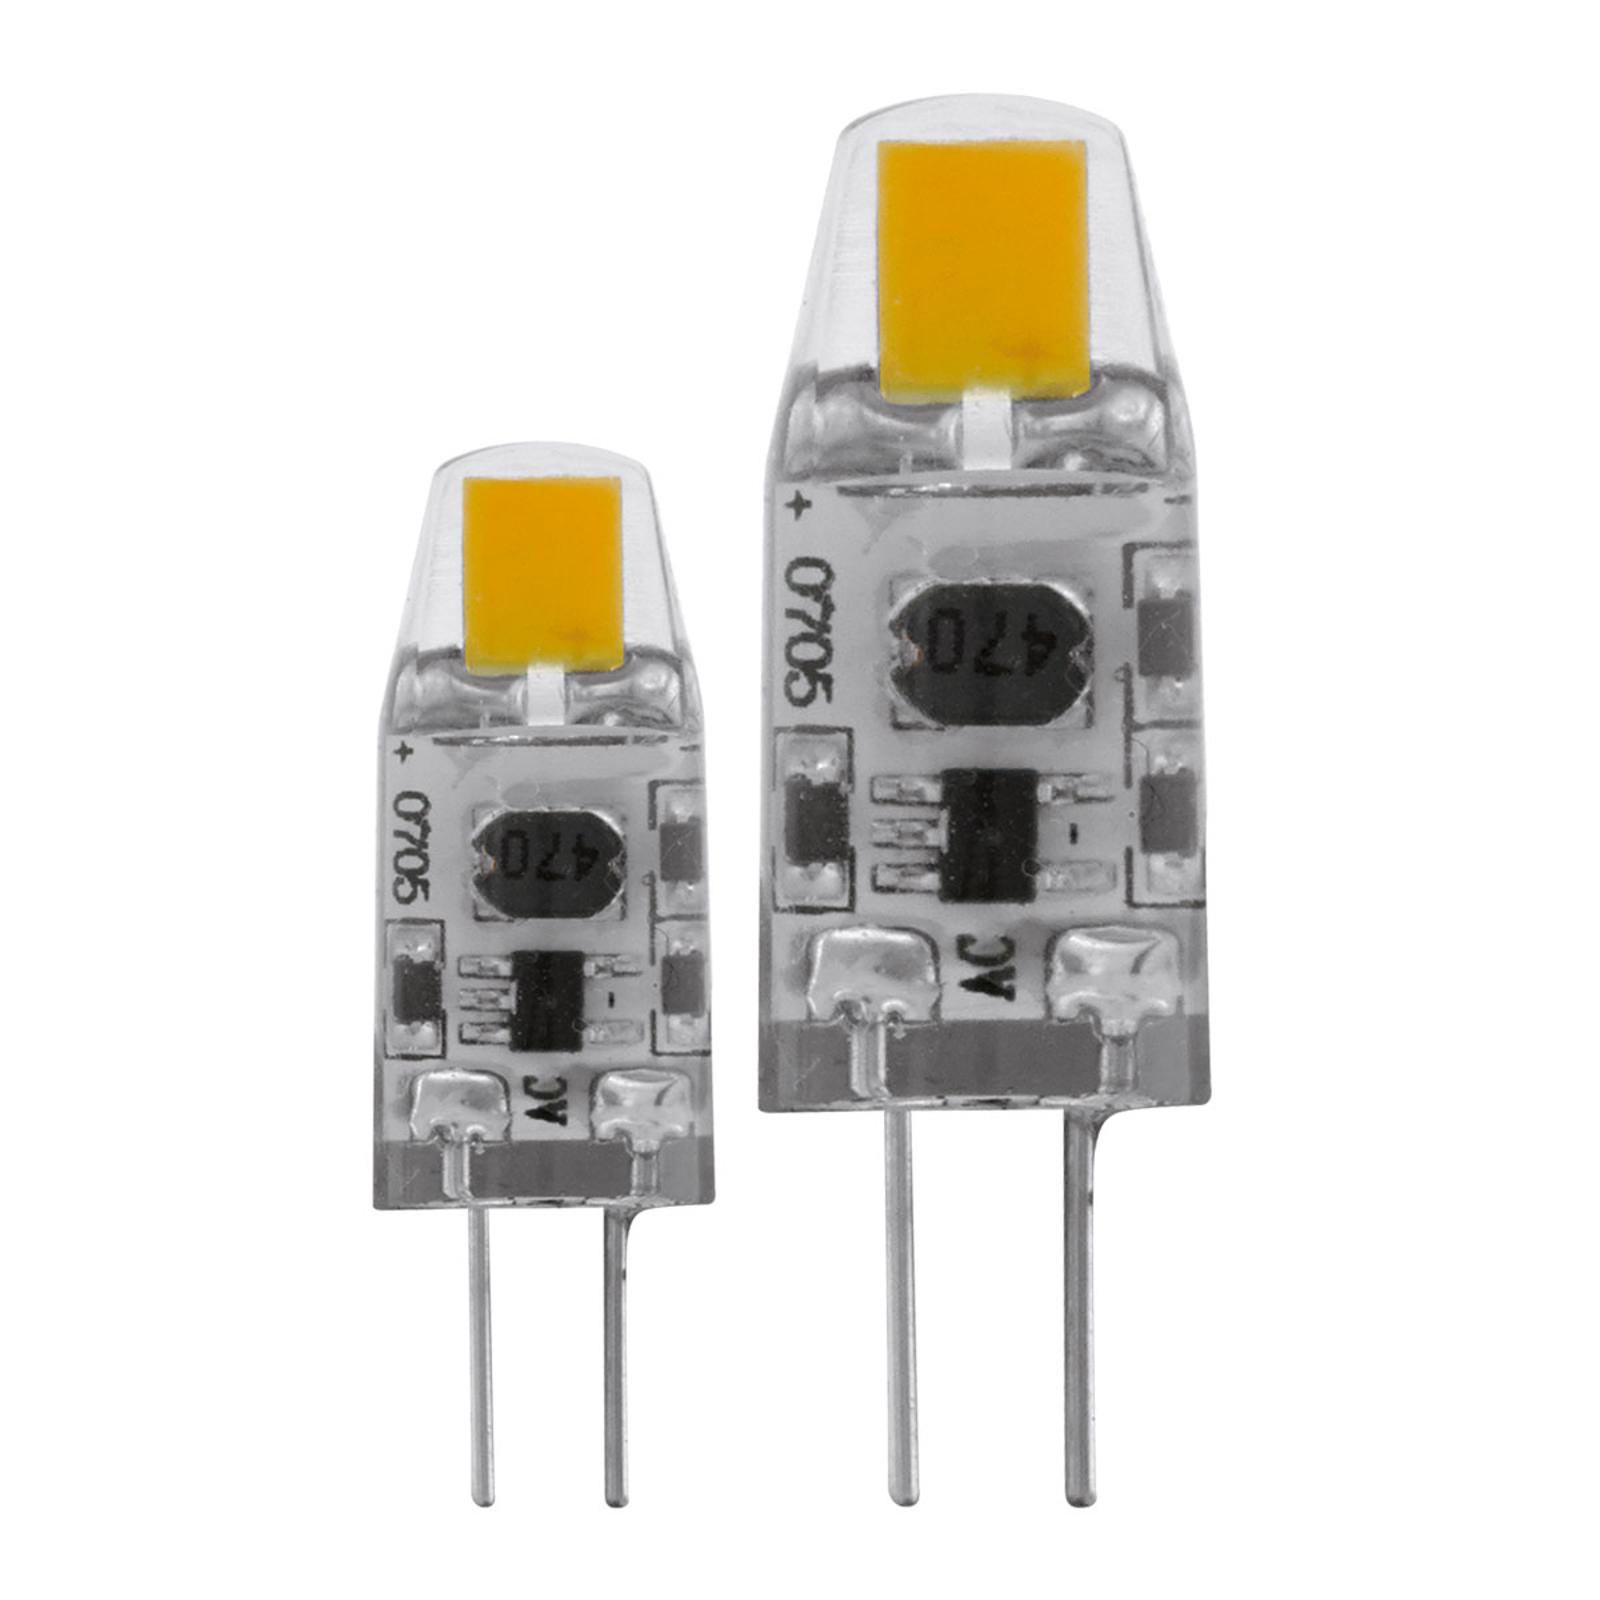 LED-Lampe G4 1,8W, warmweiß im 2er Pack